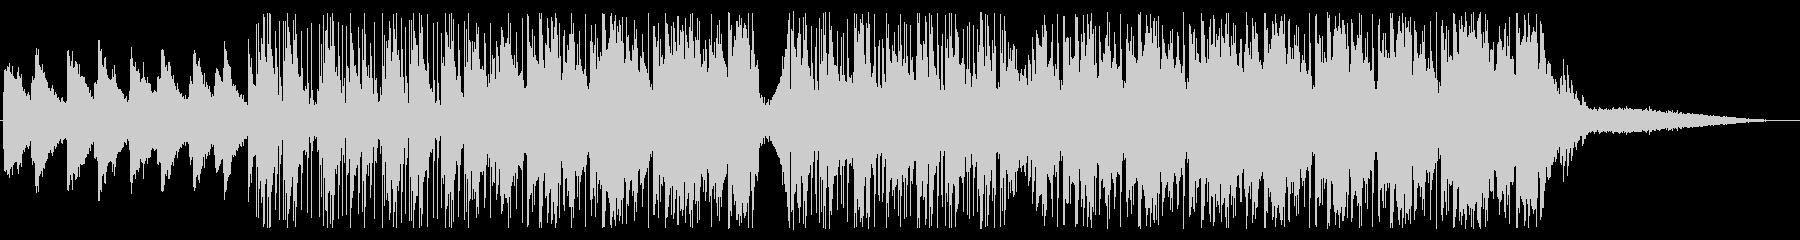 エフェクトを効かせたセンチメンタルな音楽の未再生の波形